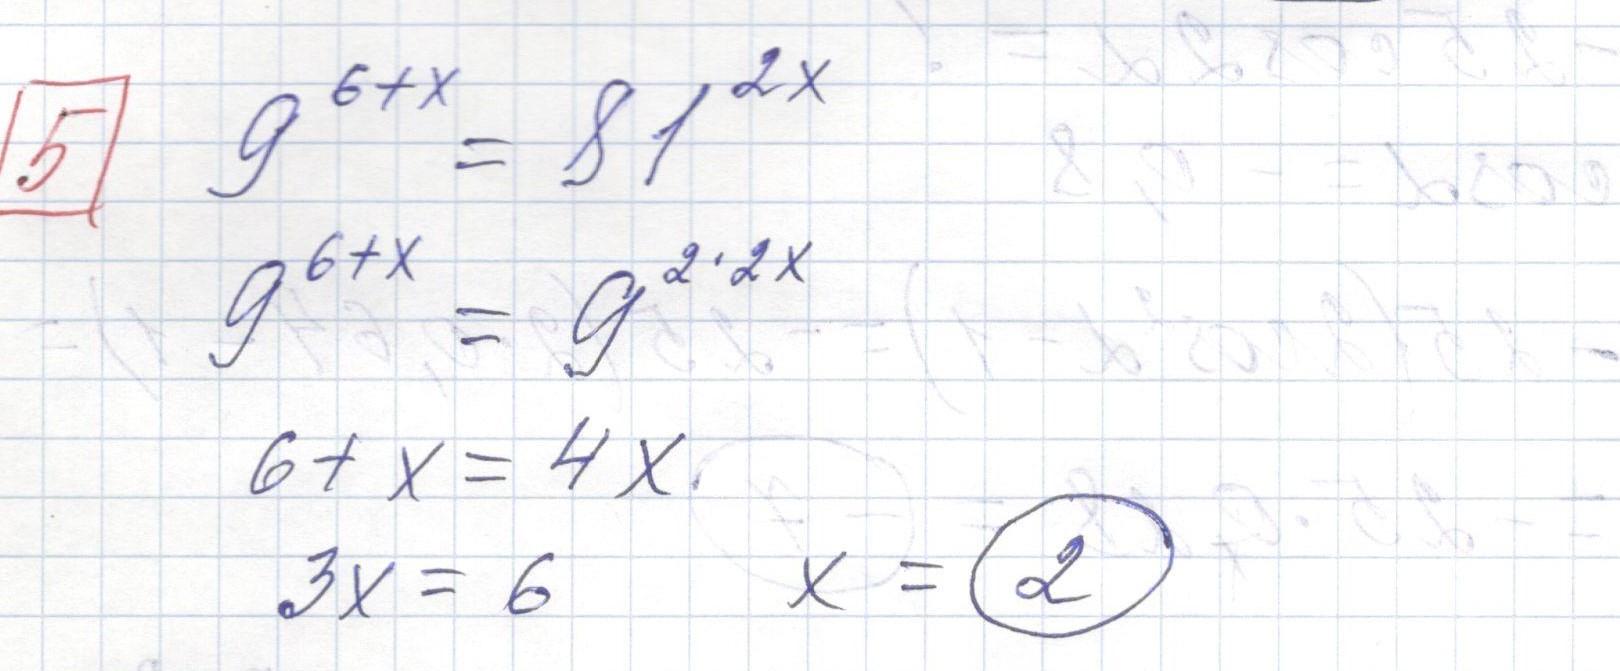 Задние 5, Вариант 1 решение и ответ - Ященко ЕГЭ 2018 математика профиль 36 вариантов